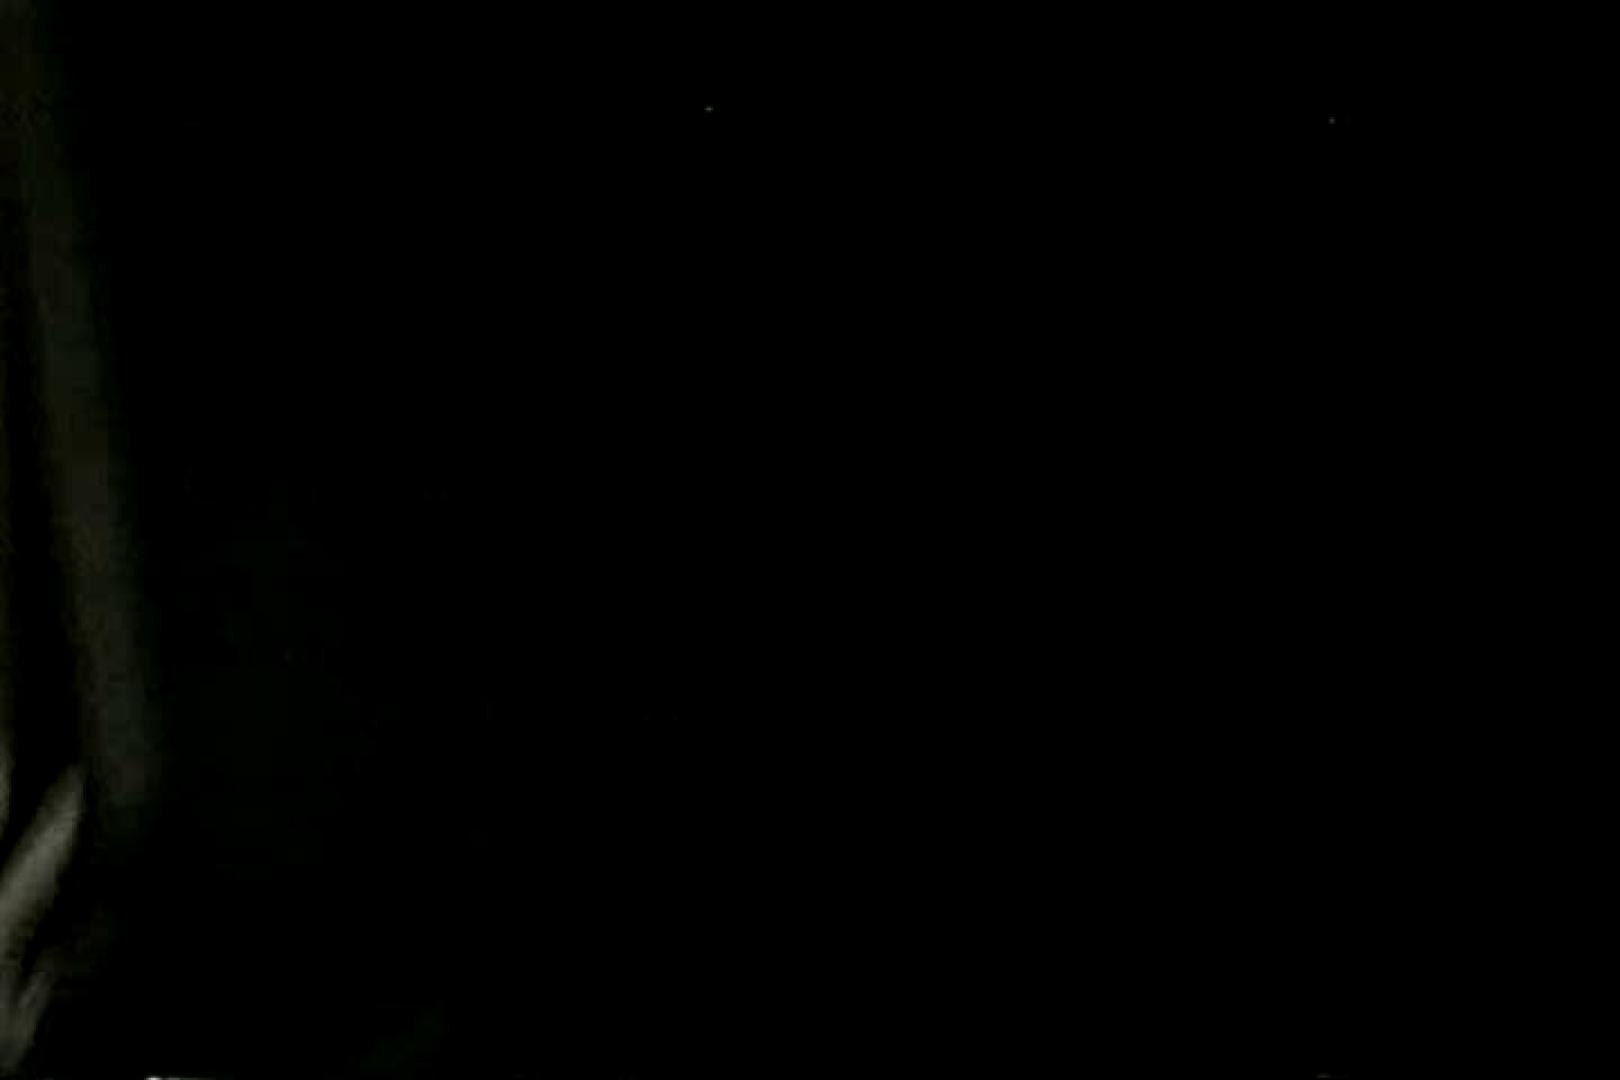 深夜の撮影会Vol.6 OLセックス 盗撮AV動画キャプチャ 88画像 27